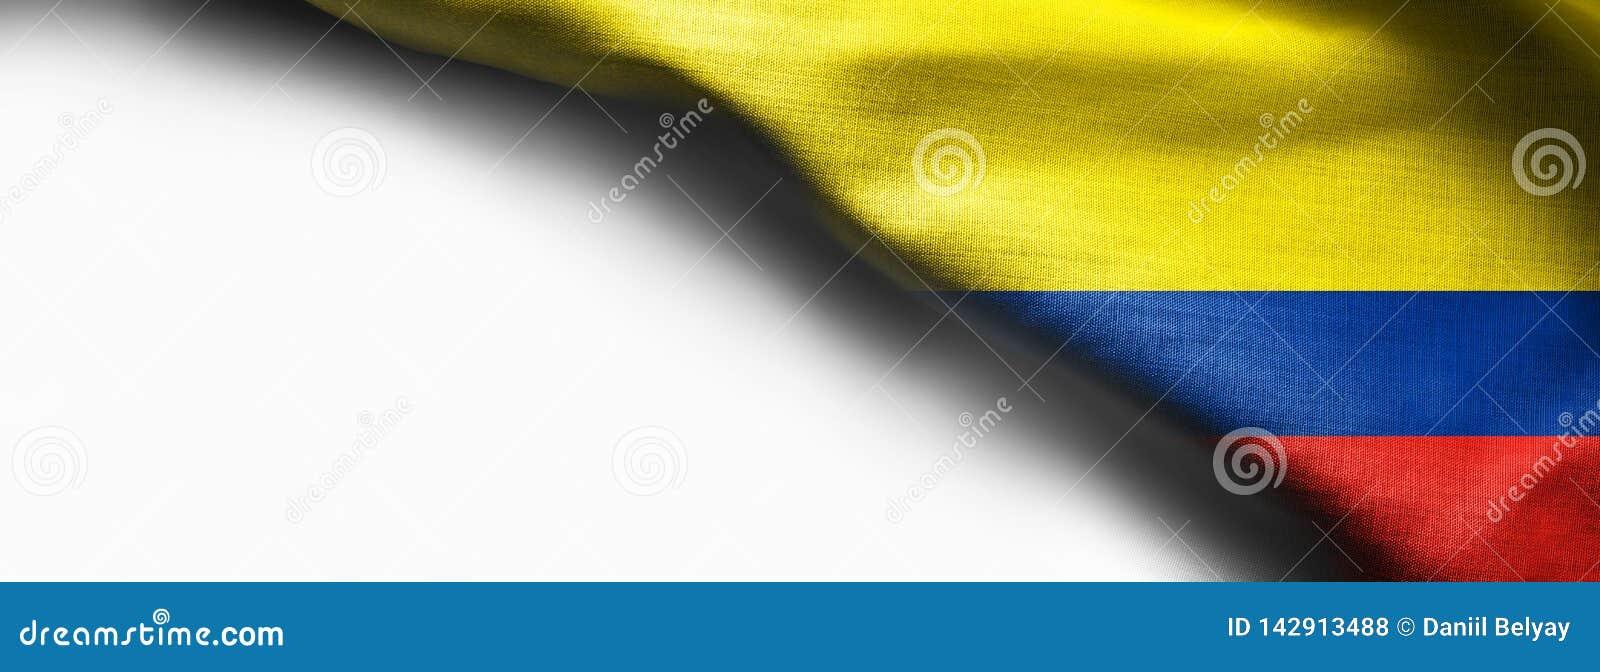 De vlag van de stoffentextuur van Colombia op witte achtergrond - juiste hoogste hoek